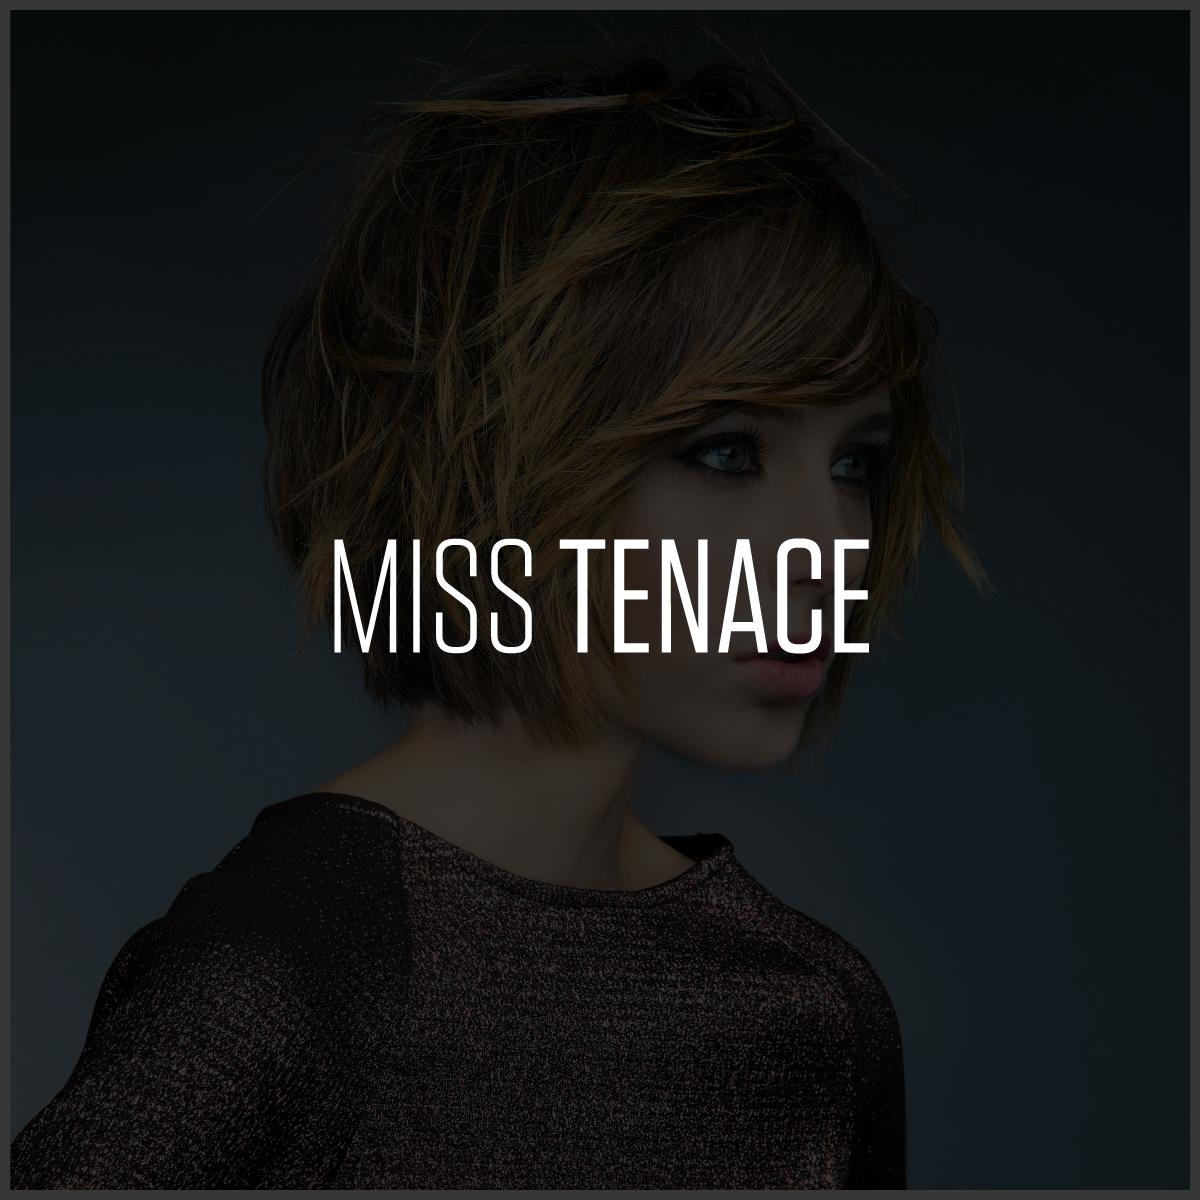 Miss Tenace | Compagnia Della Bellezza | Collezione Miss l'era del coraggio | 2015